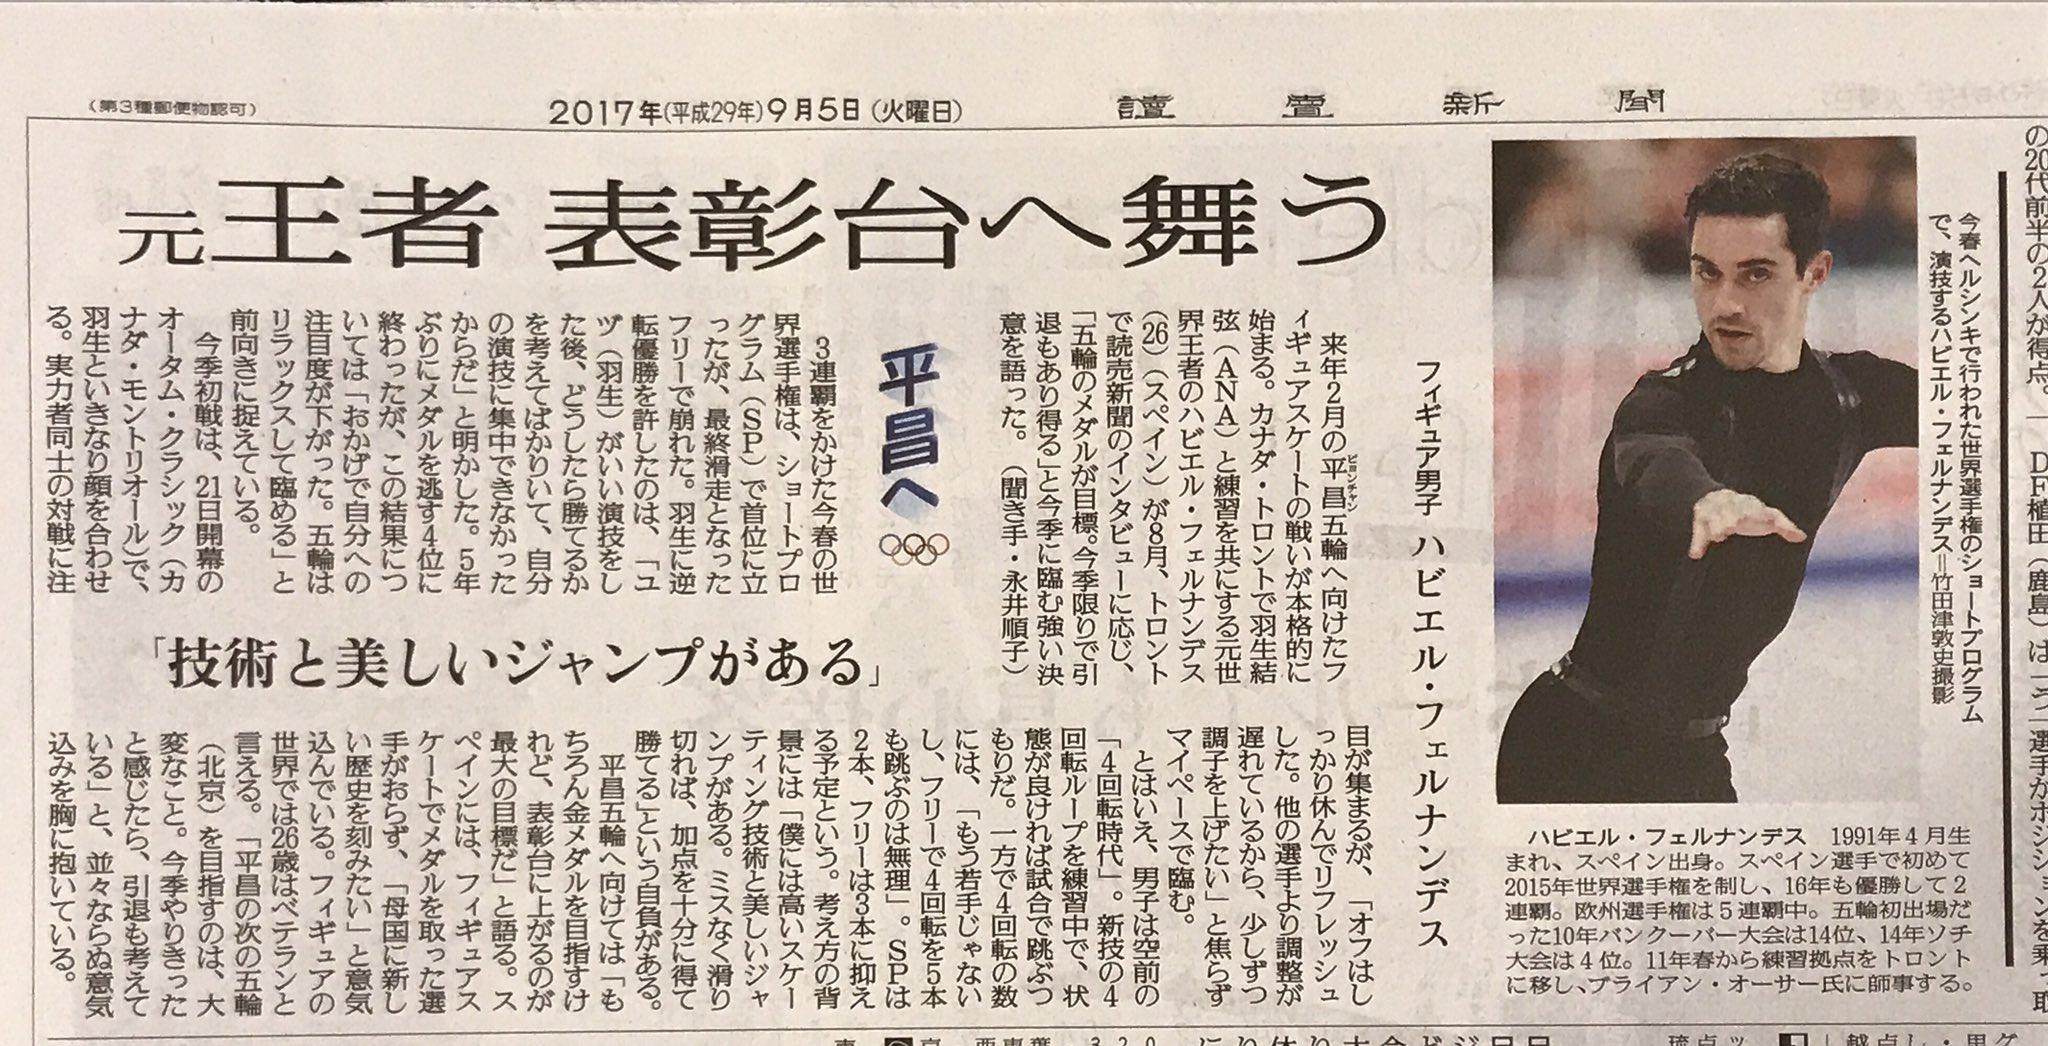 読売新聞朝刊にハビエル・フェルナンデス選手の記事を掲載。平昌五輪についての意気込みを語る